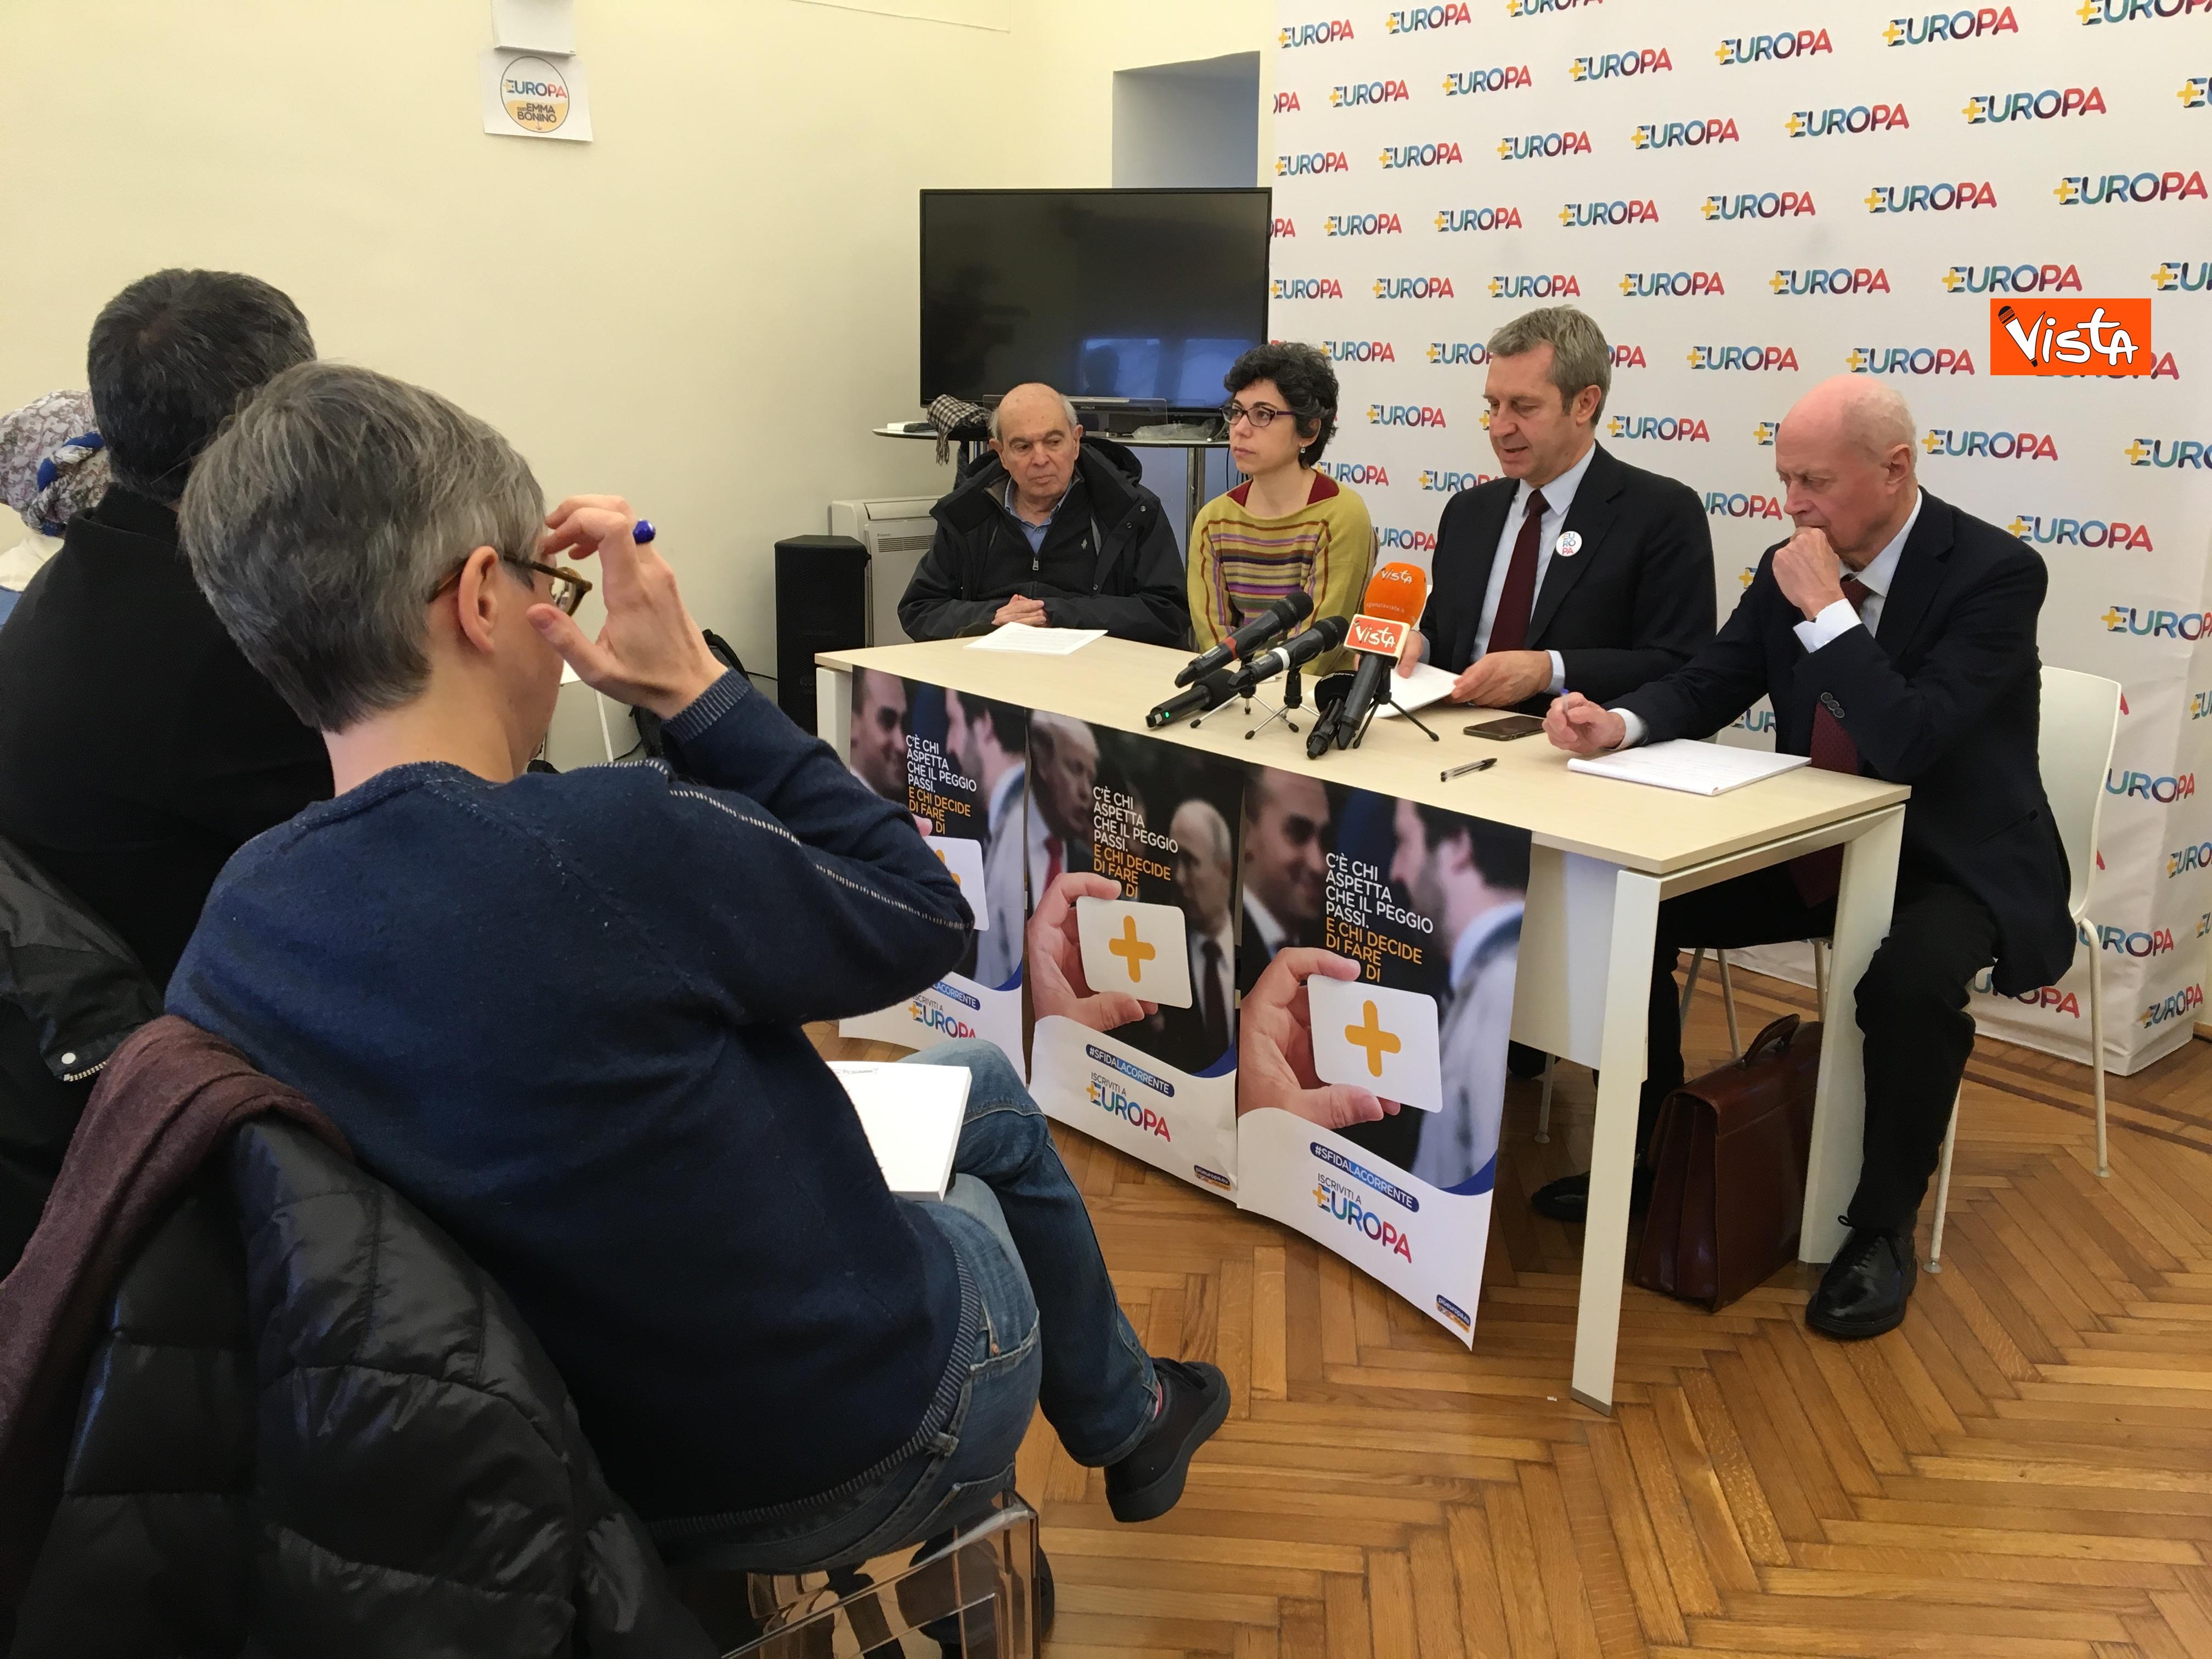 21-01-19 Europa la conferenza di presentazione del Congresso a Milano_08